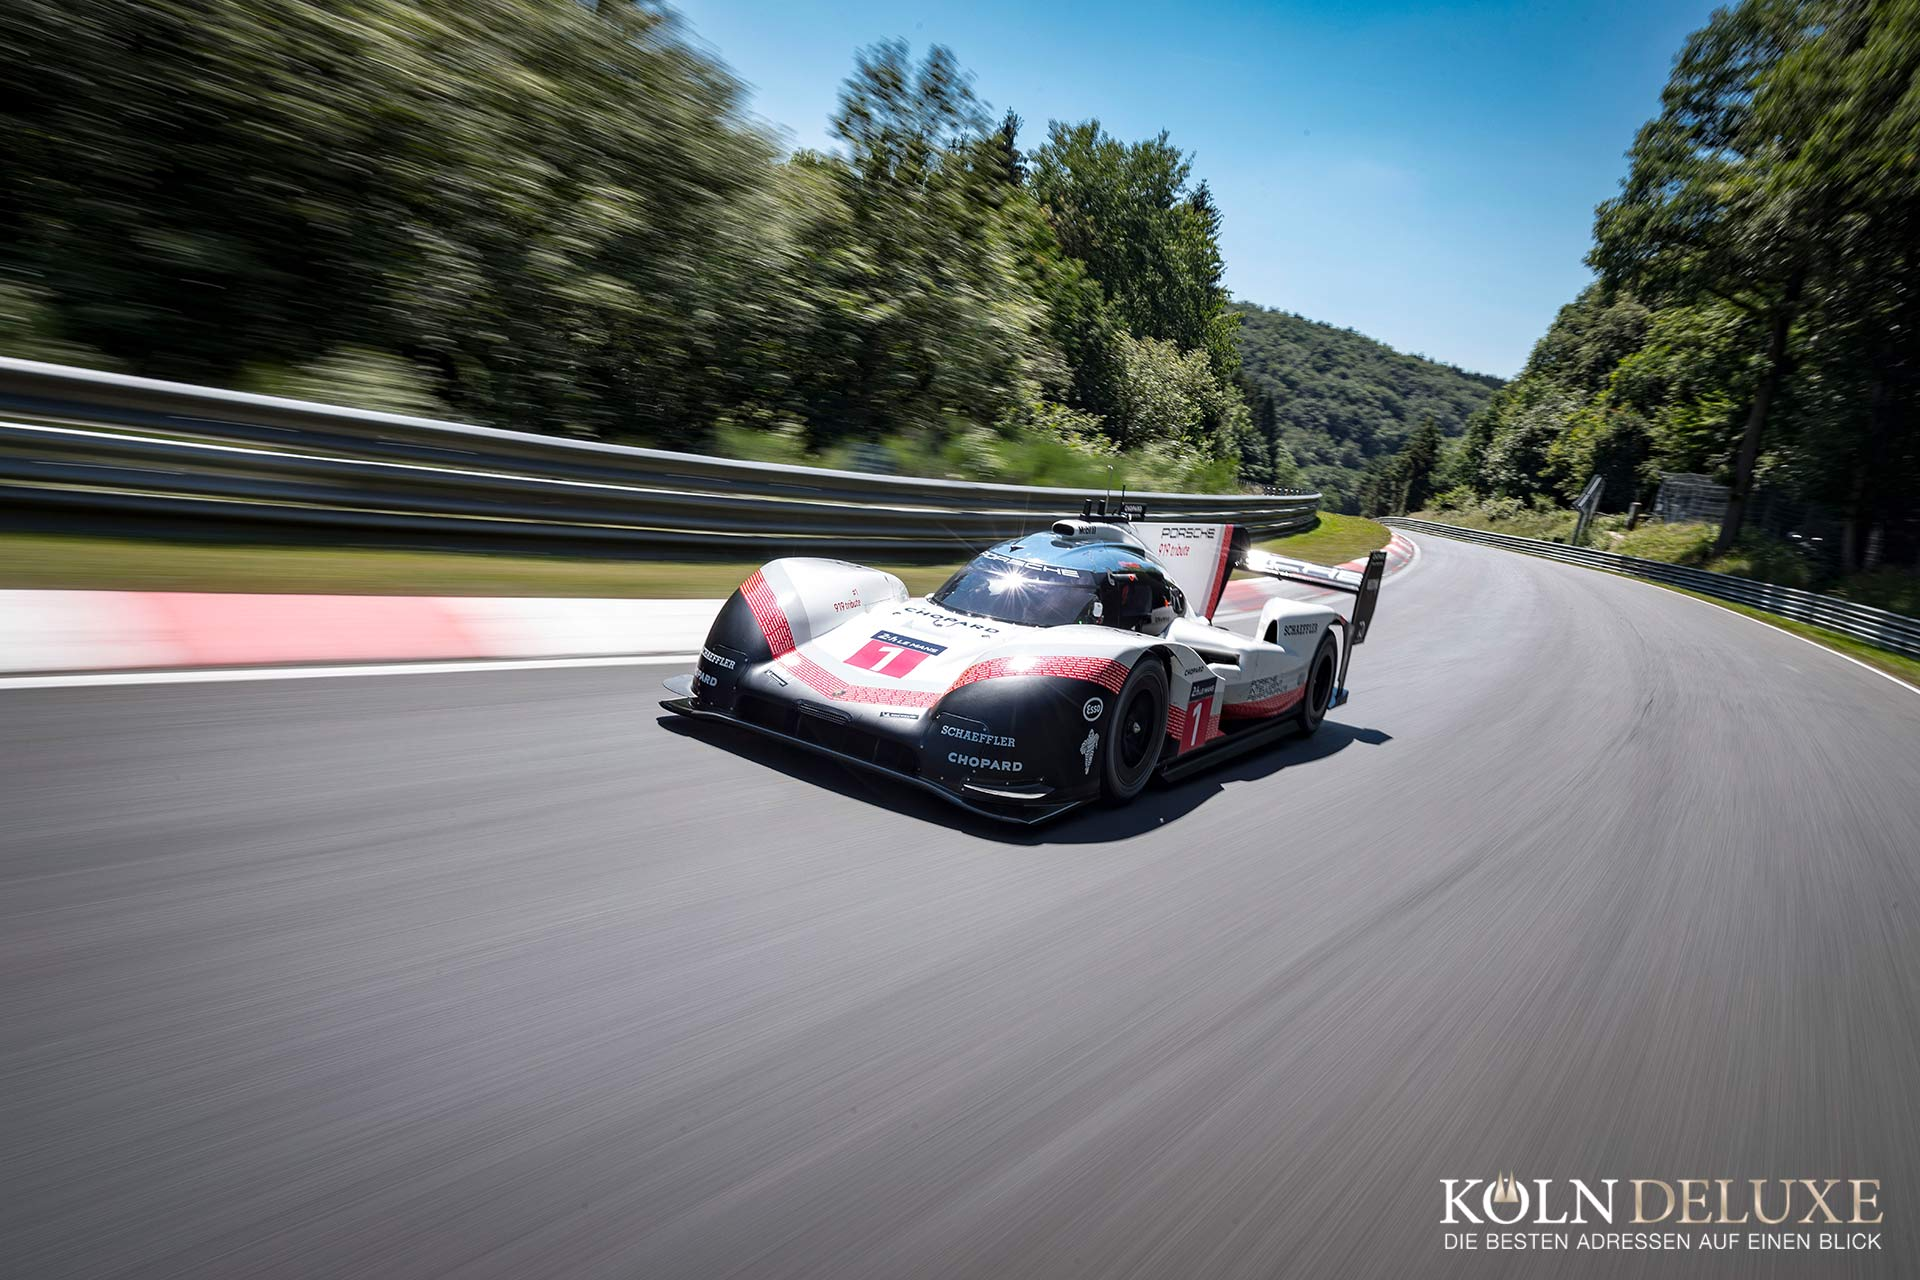 5.19,55 Minuten – Porsche 919 Hybrid Evo holt Rekord in der Grünen Hölle